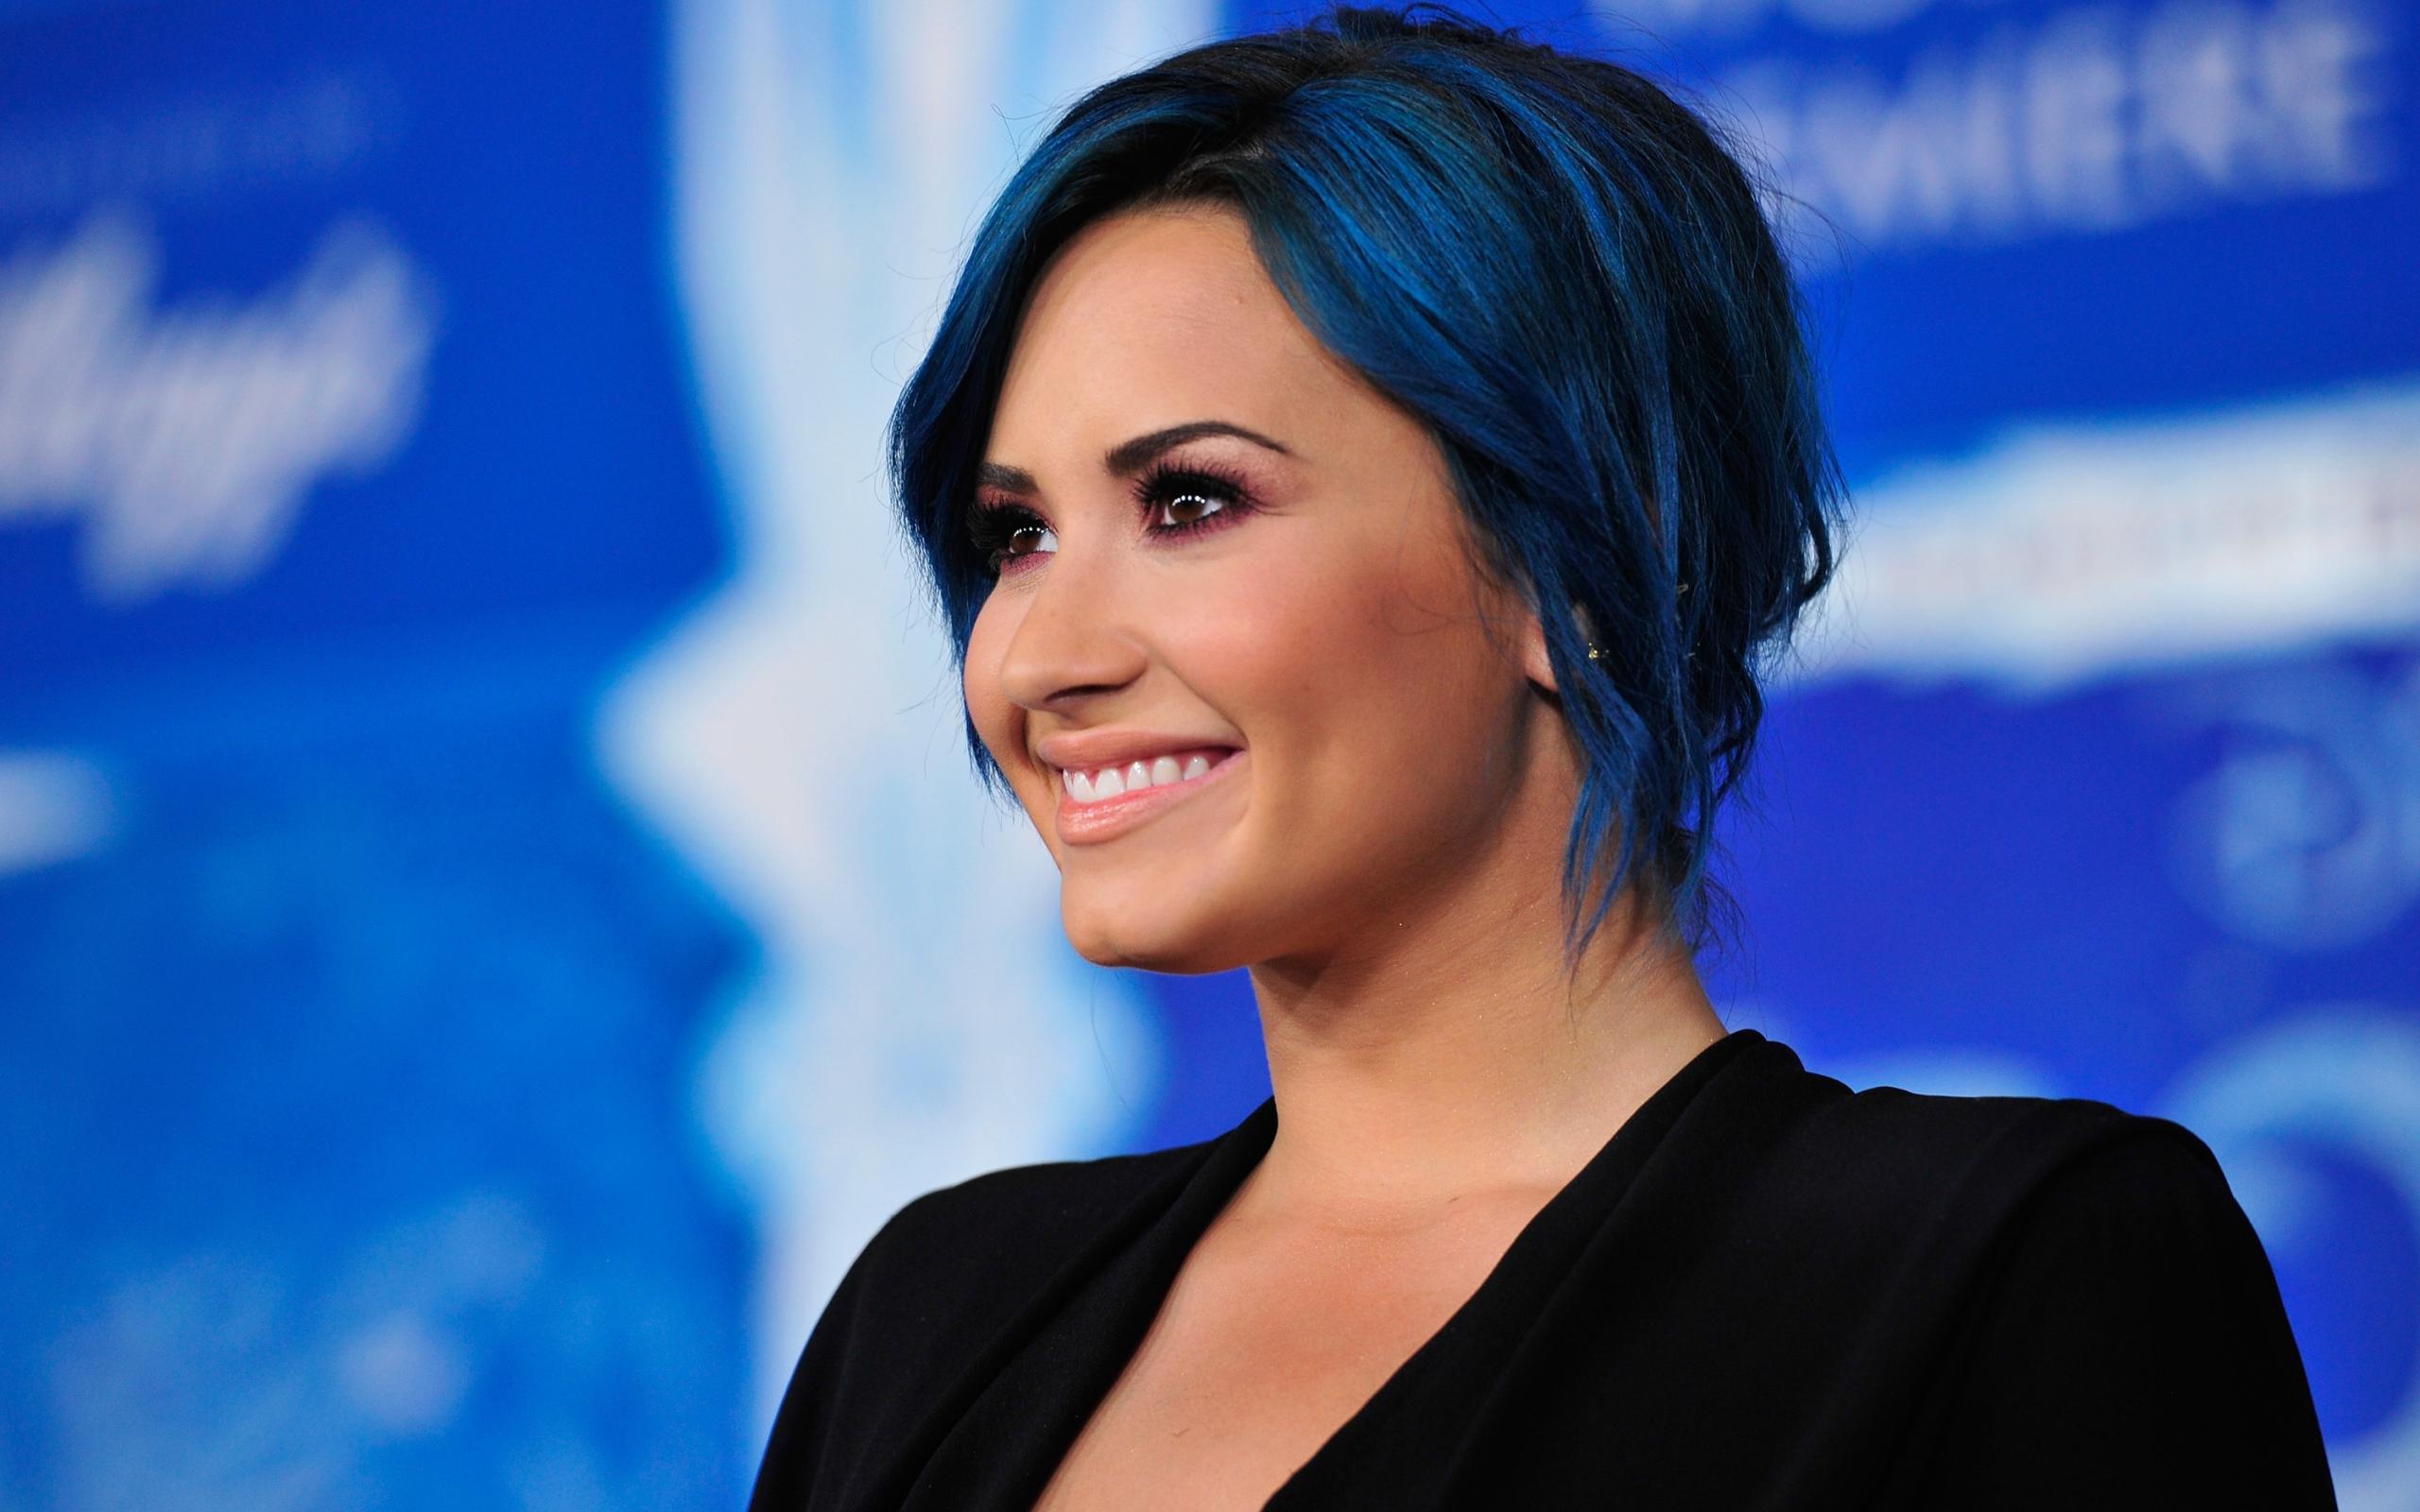 Синие волосы деми ловато обои для